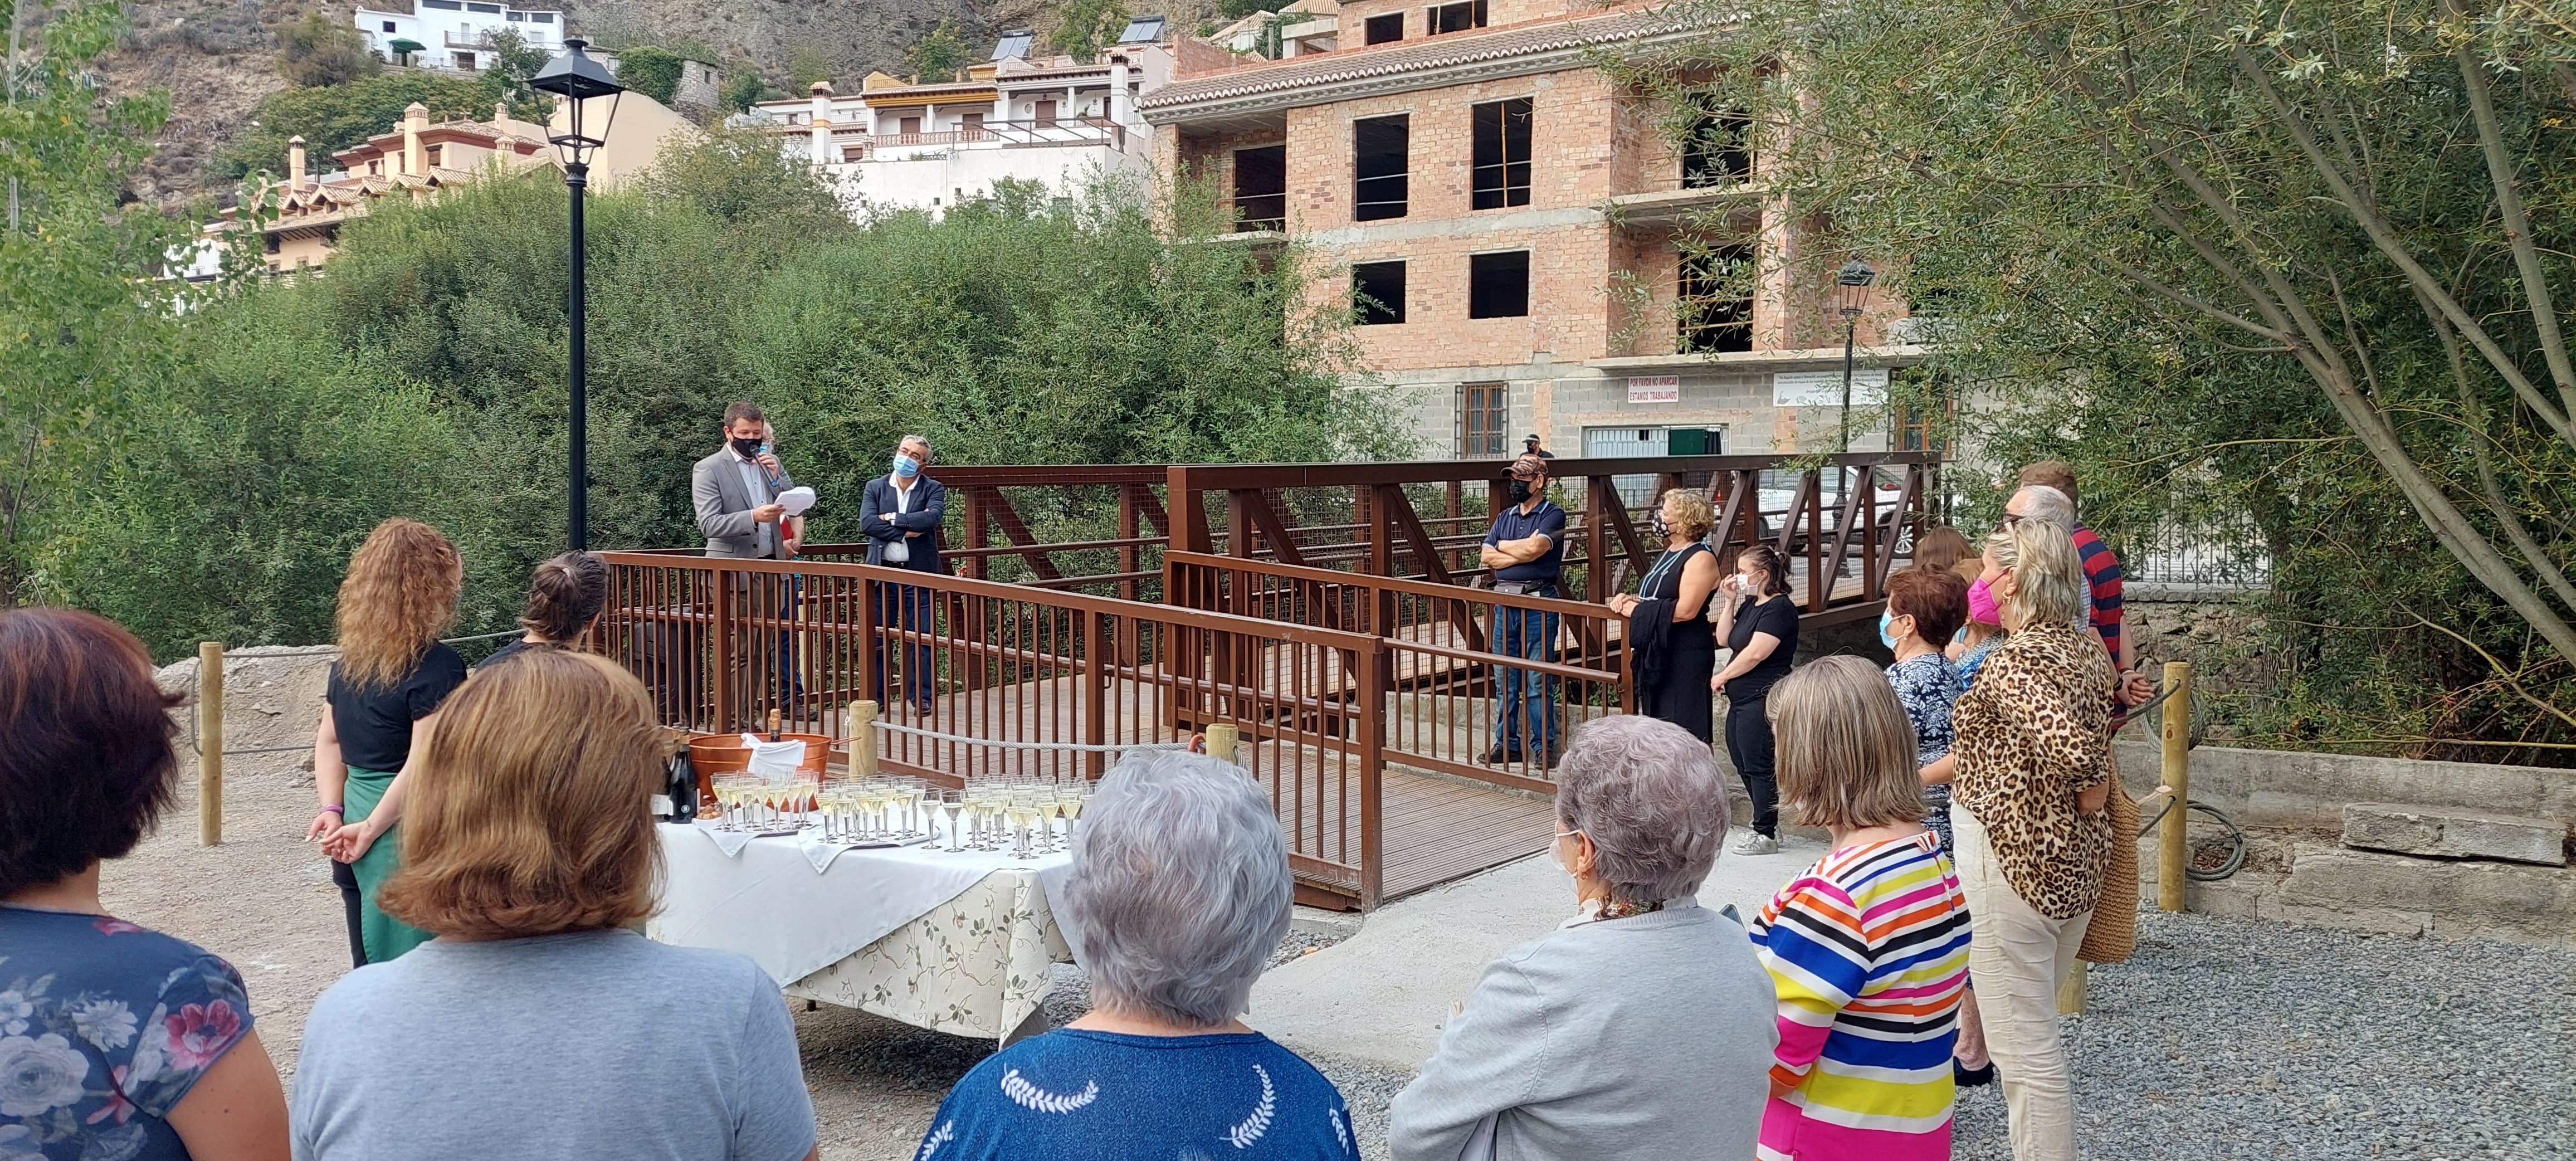 Monachil estrena su nueva pasarela sobre el río, que mejorará la movilidad en el casco antiguo